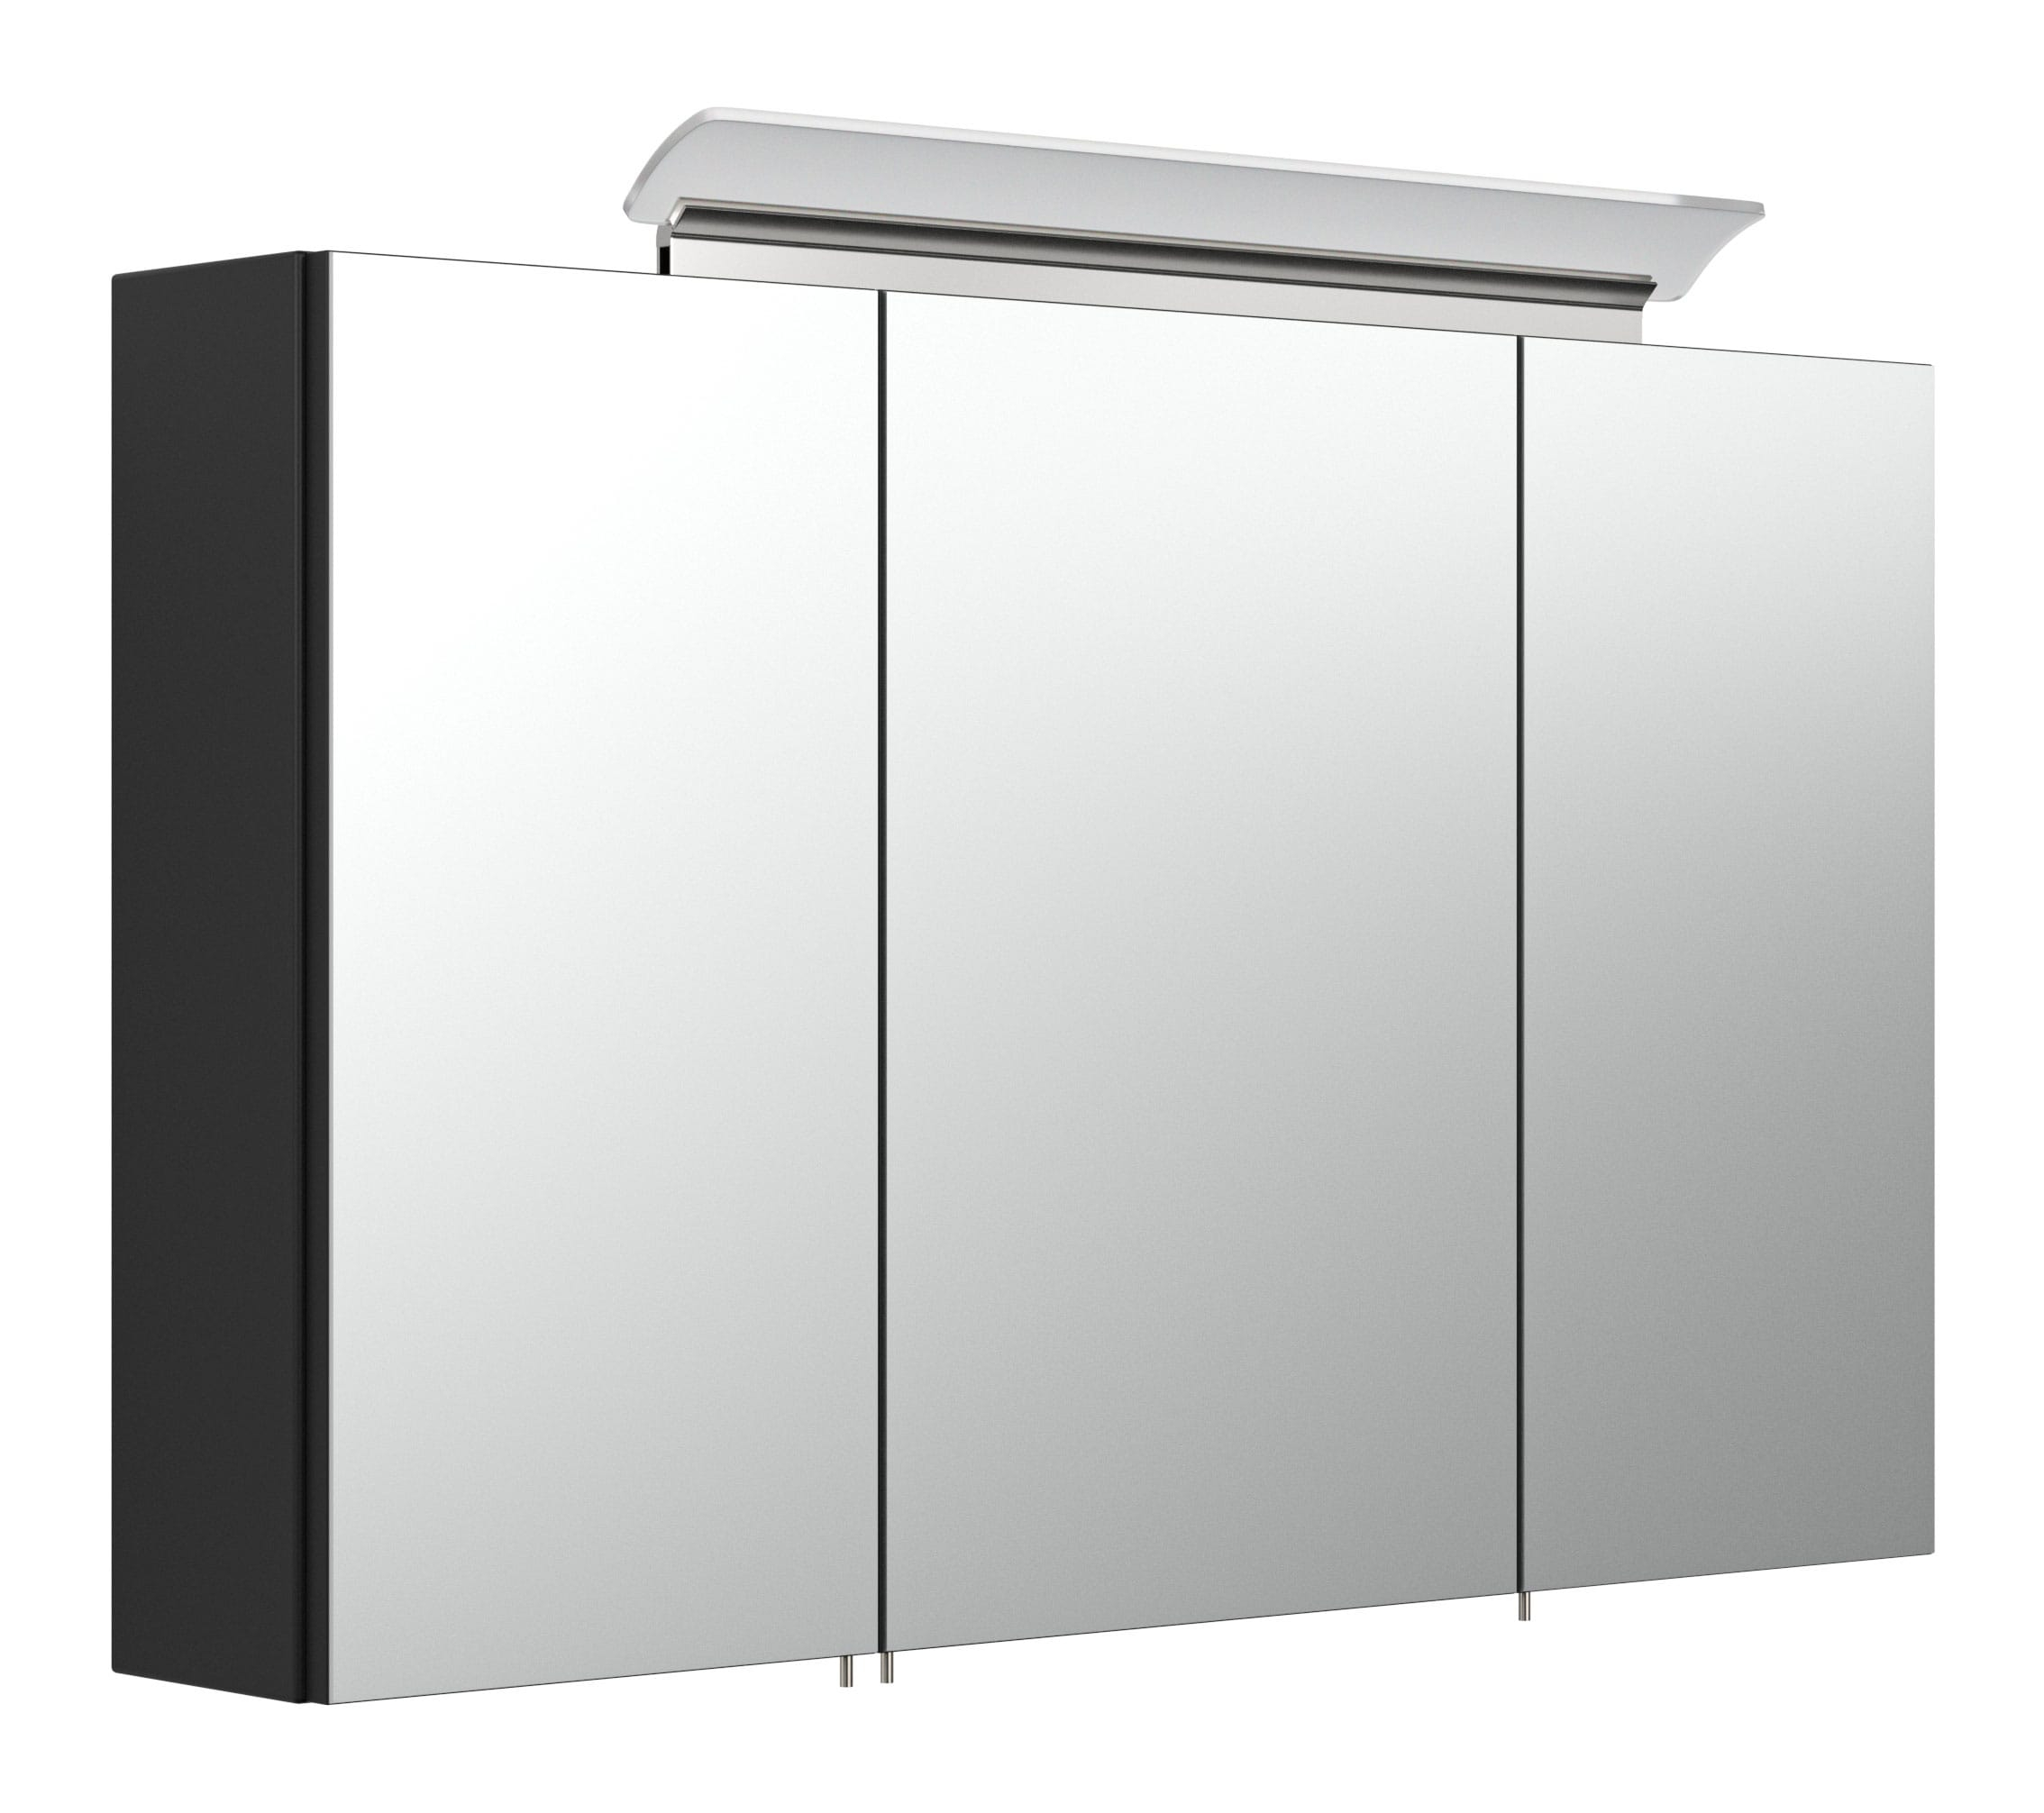 Saniclear Rocky 100cm spiegelkast met design LED verlichting glans zwart